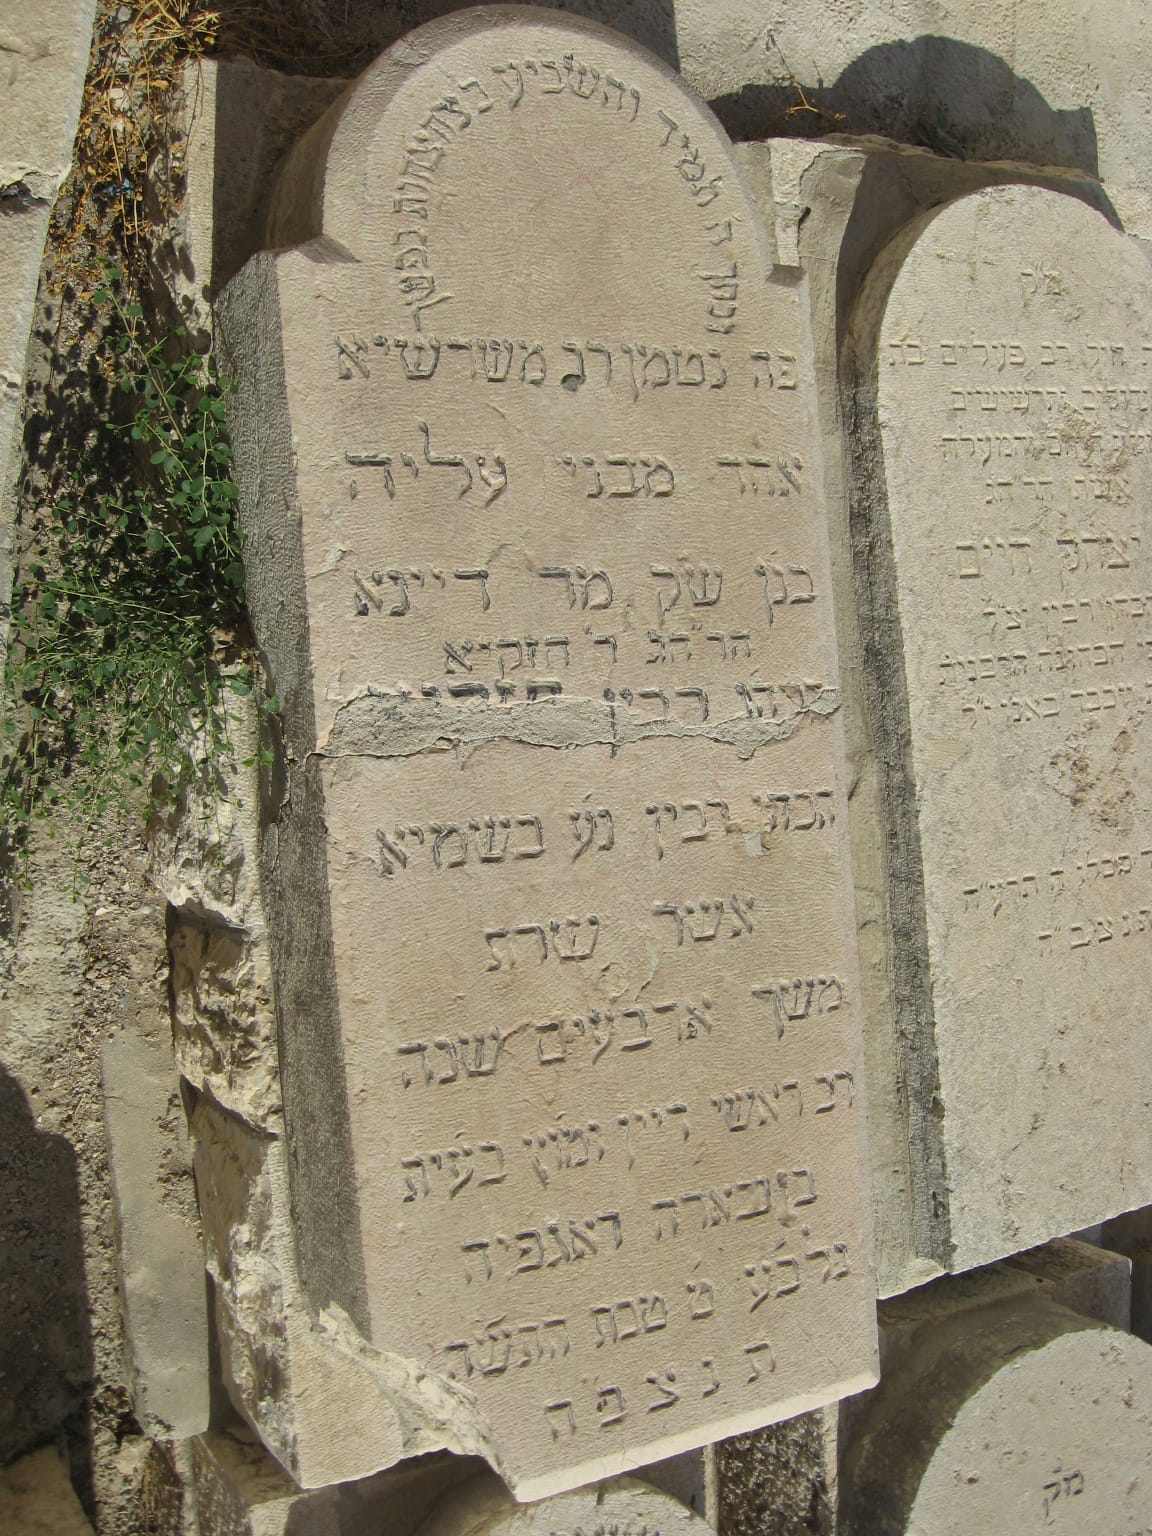 """חידוש מצבת קבורתו של הגאון רבי חזקיה הכהן רבין זיע""""א"""